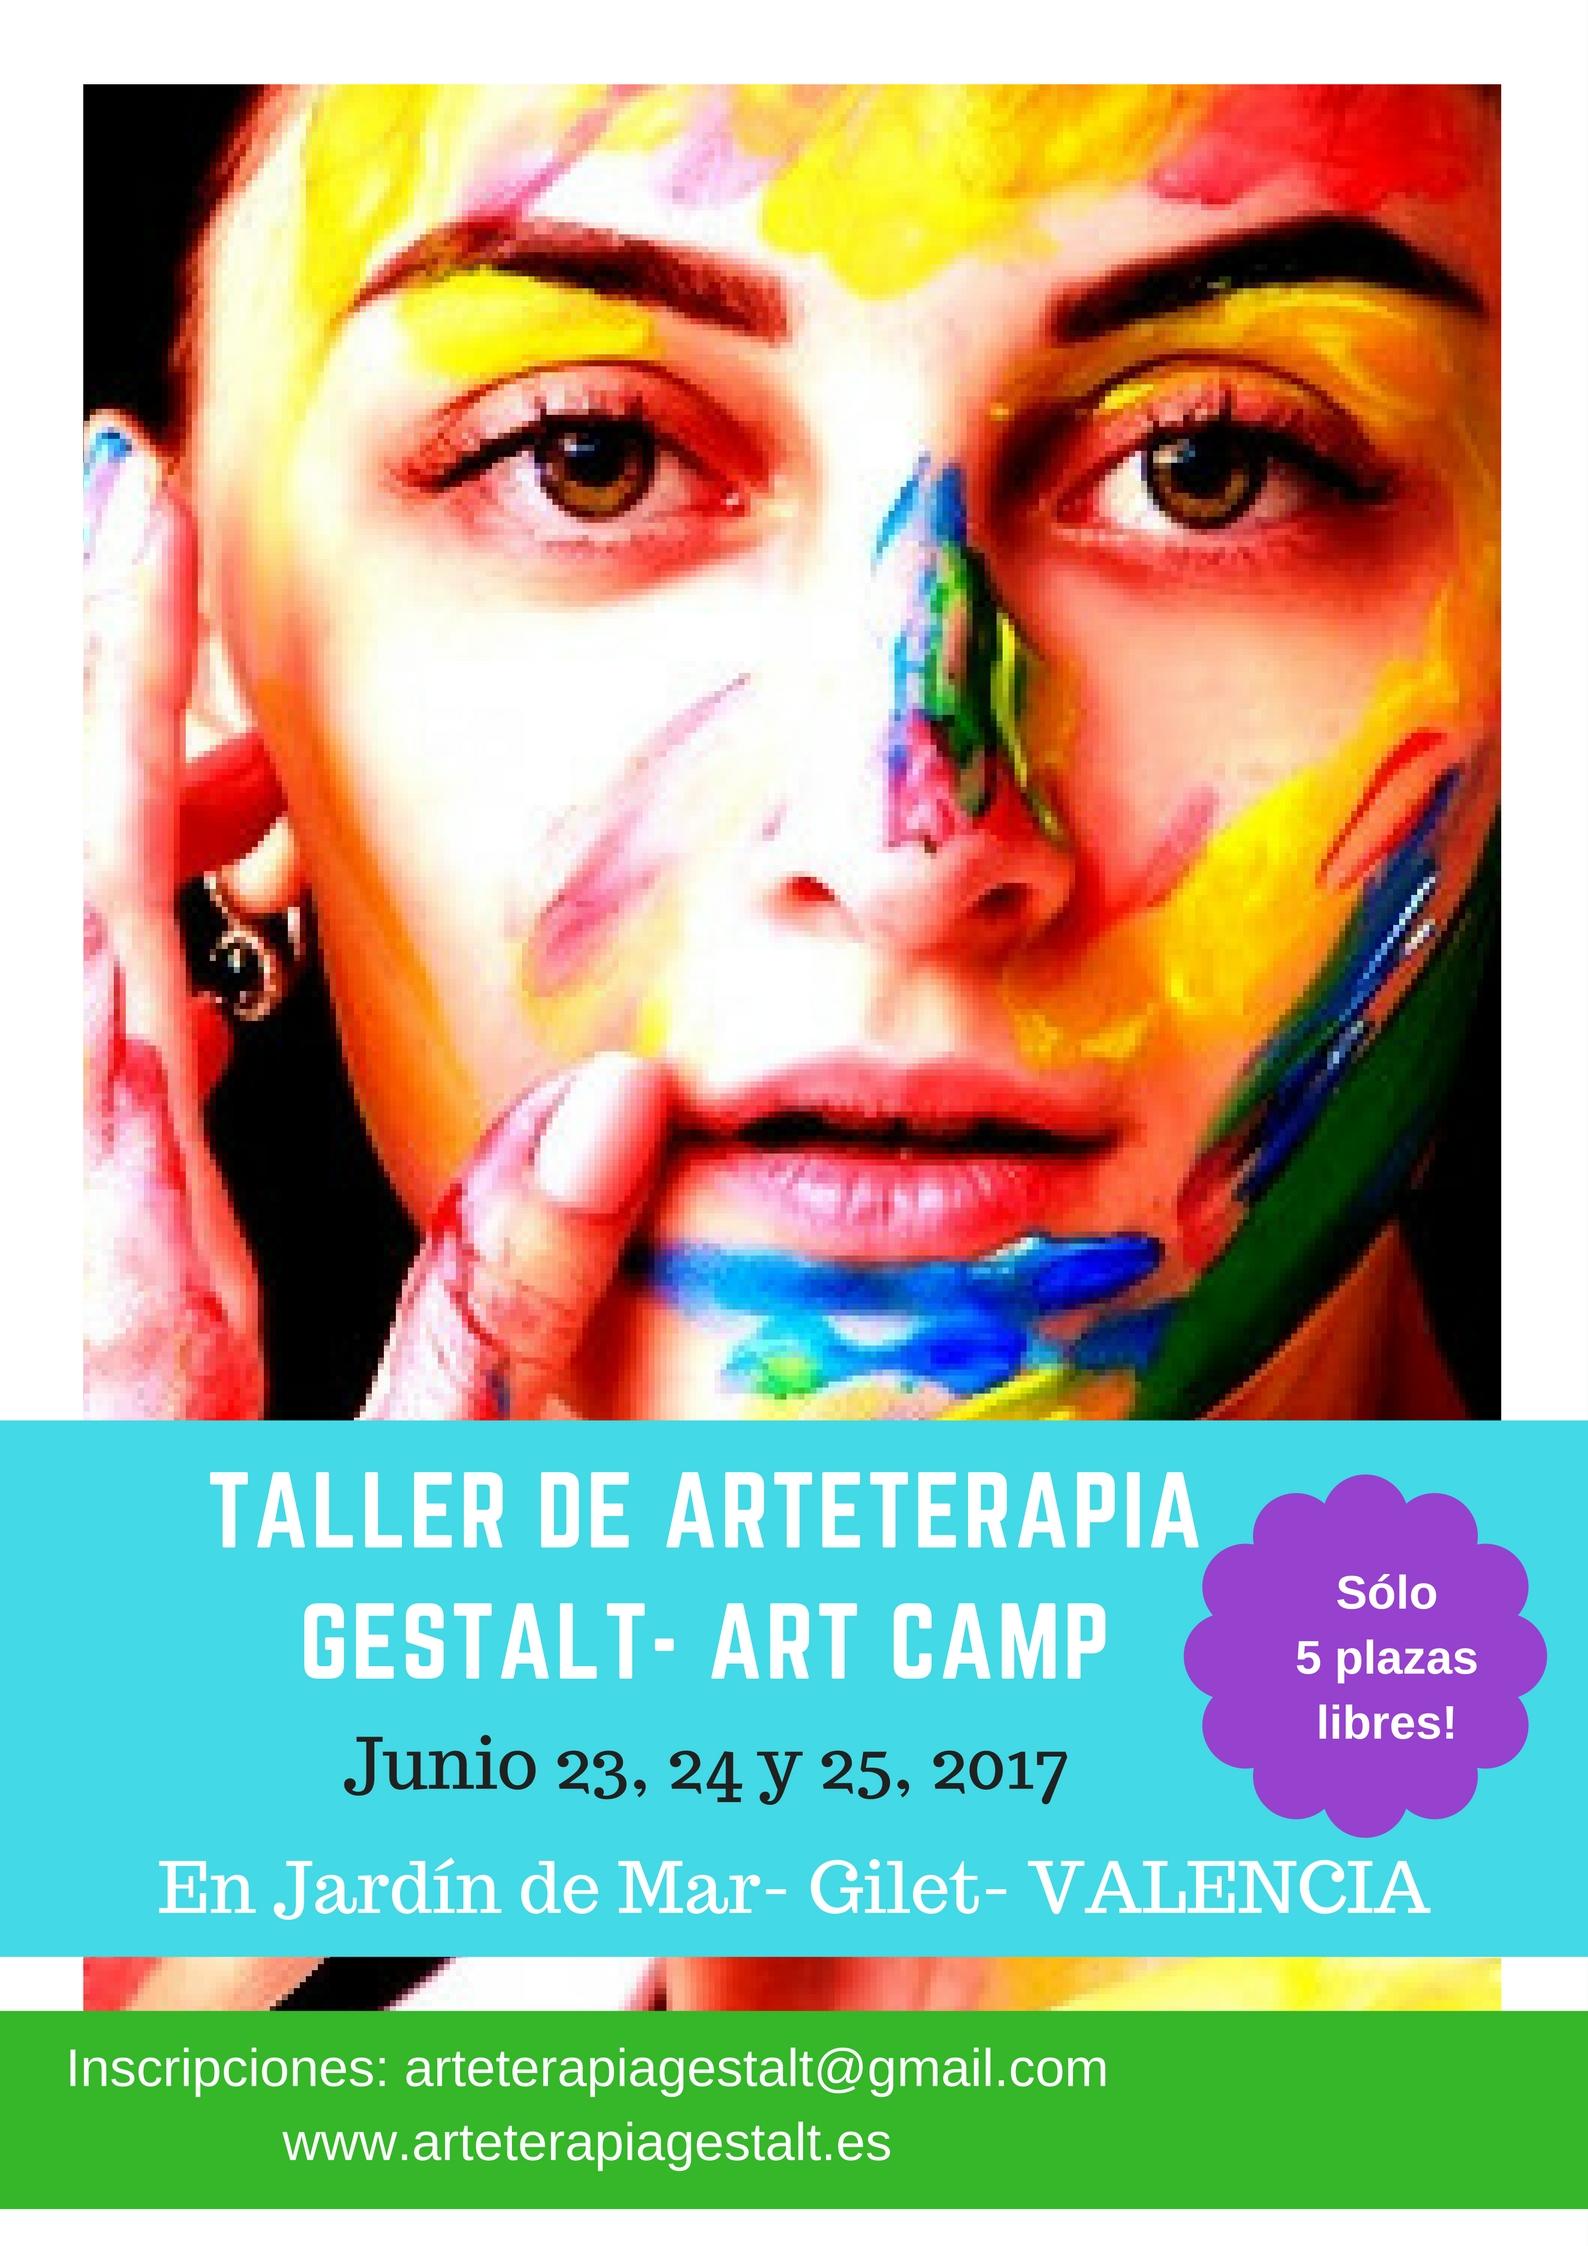 foto #2 de entrada del blog: TALLER Arteterapia Gestalt, Junio 23, 24 y 25, en JARDIN DE MAR- GILET- VALENCIA- Comunidad Valenciana- España